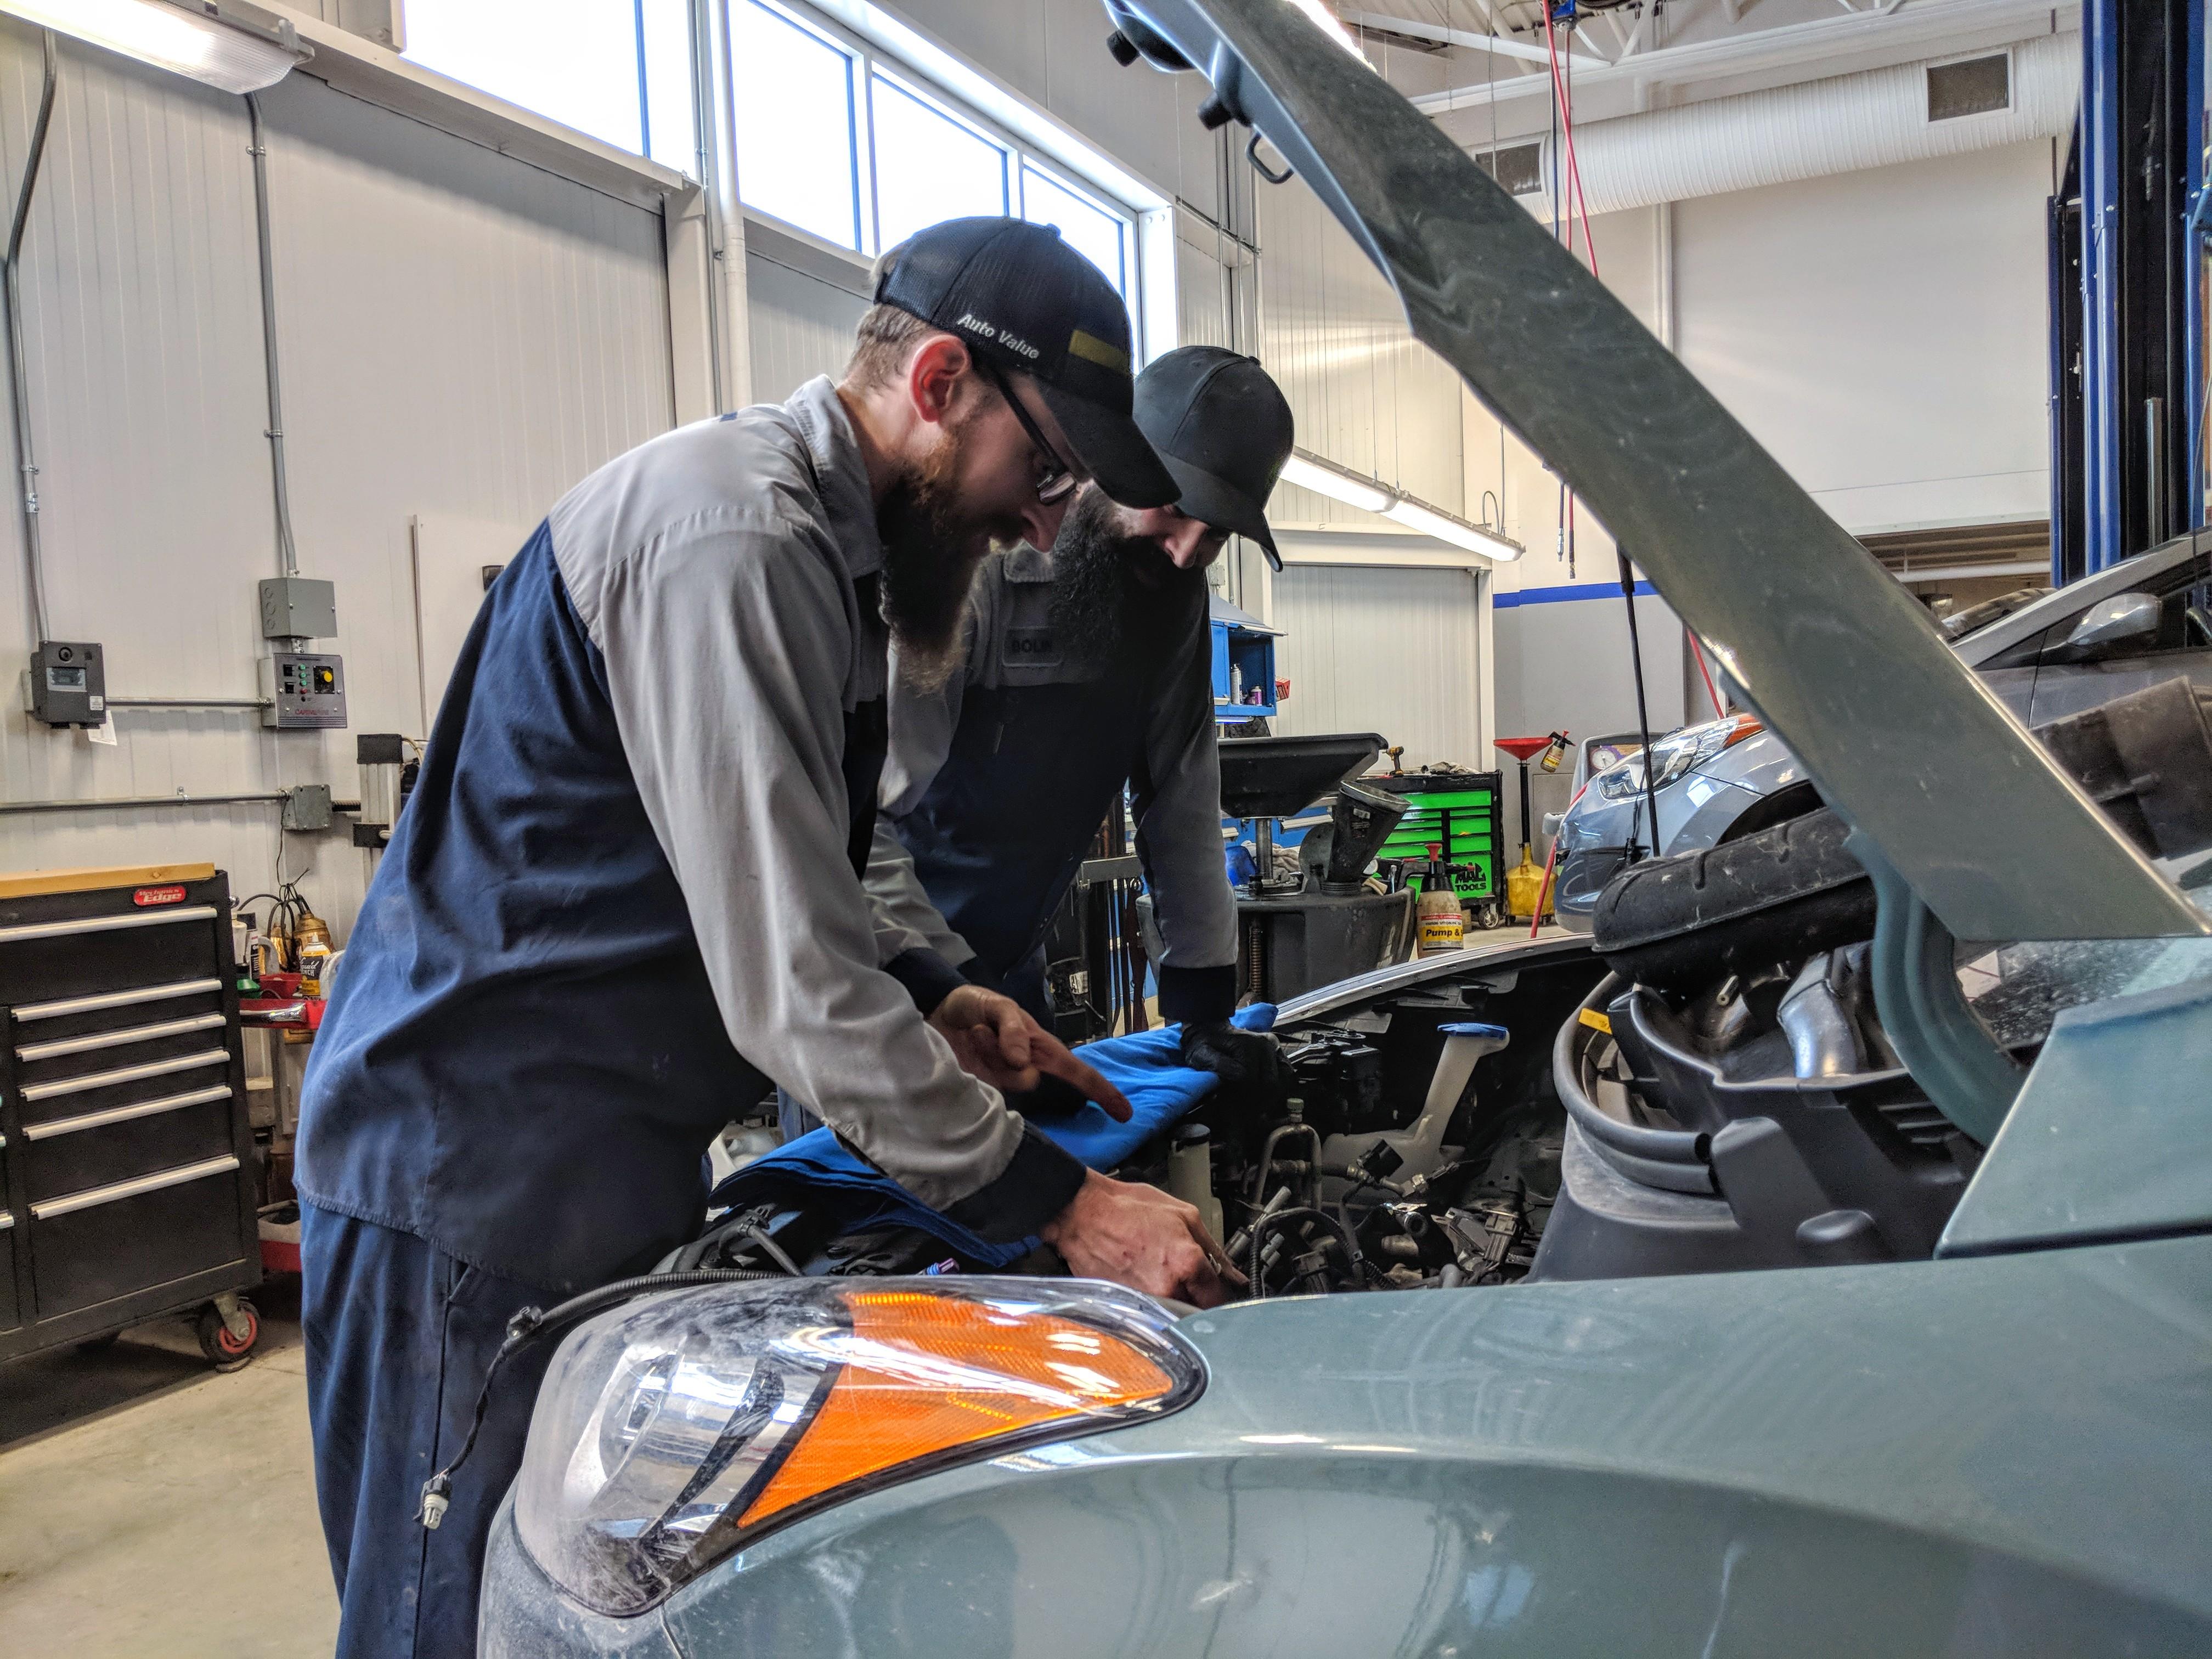 Car Dealership Jobs Careers In Canada Sales Admin More